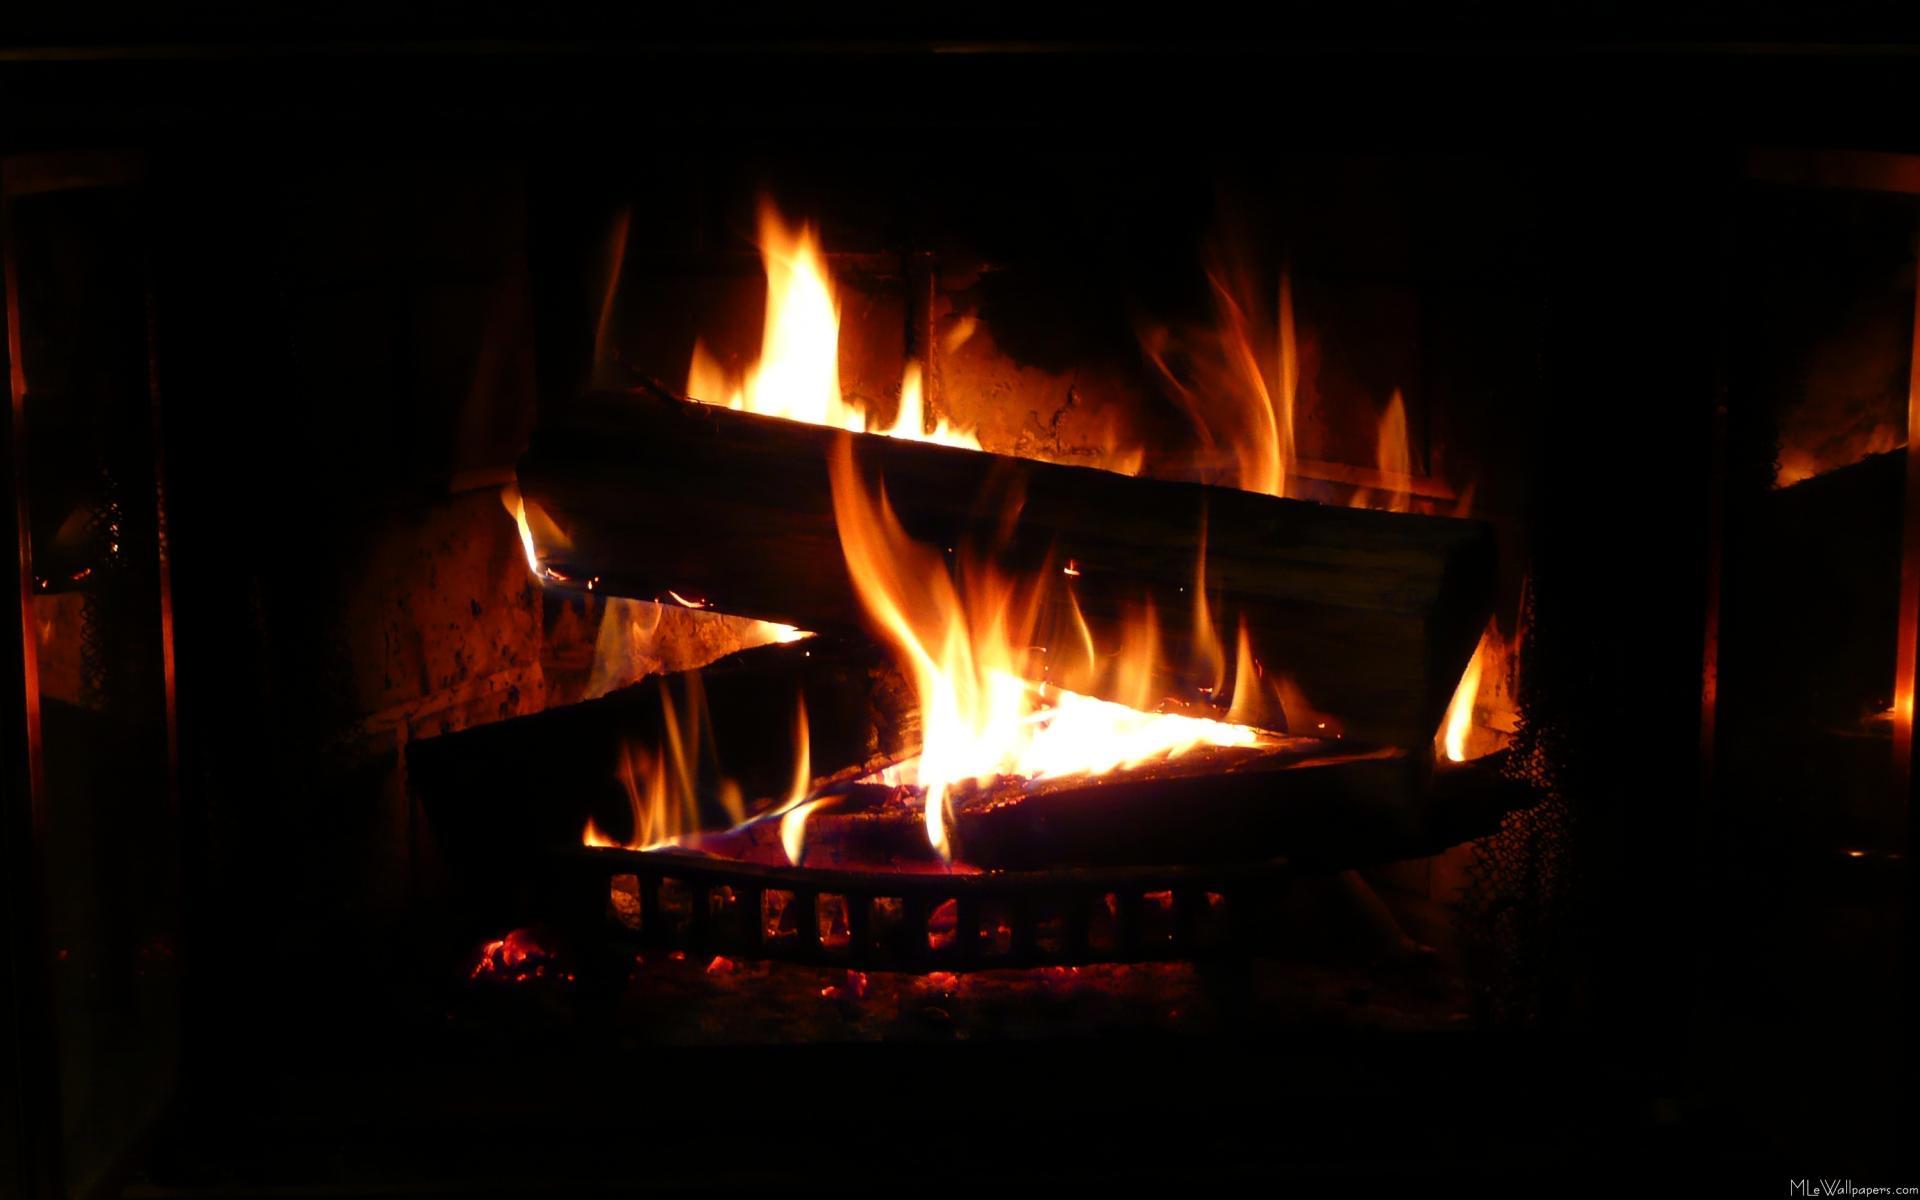 Fireplace Wallpaper Hd Fireplace widescreen 1920x1200